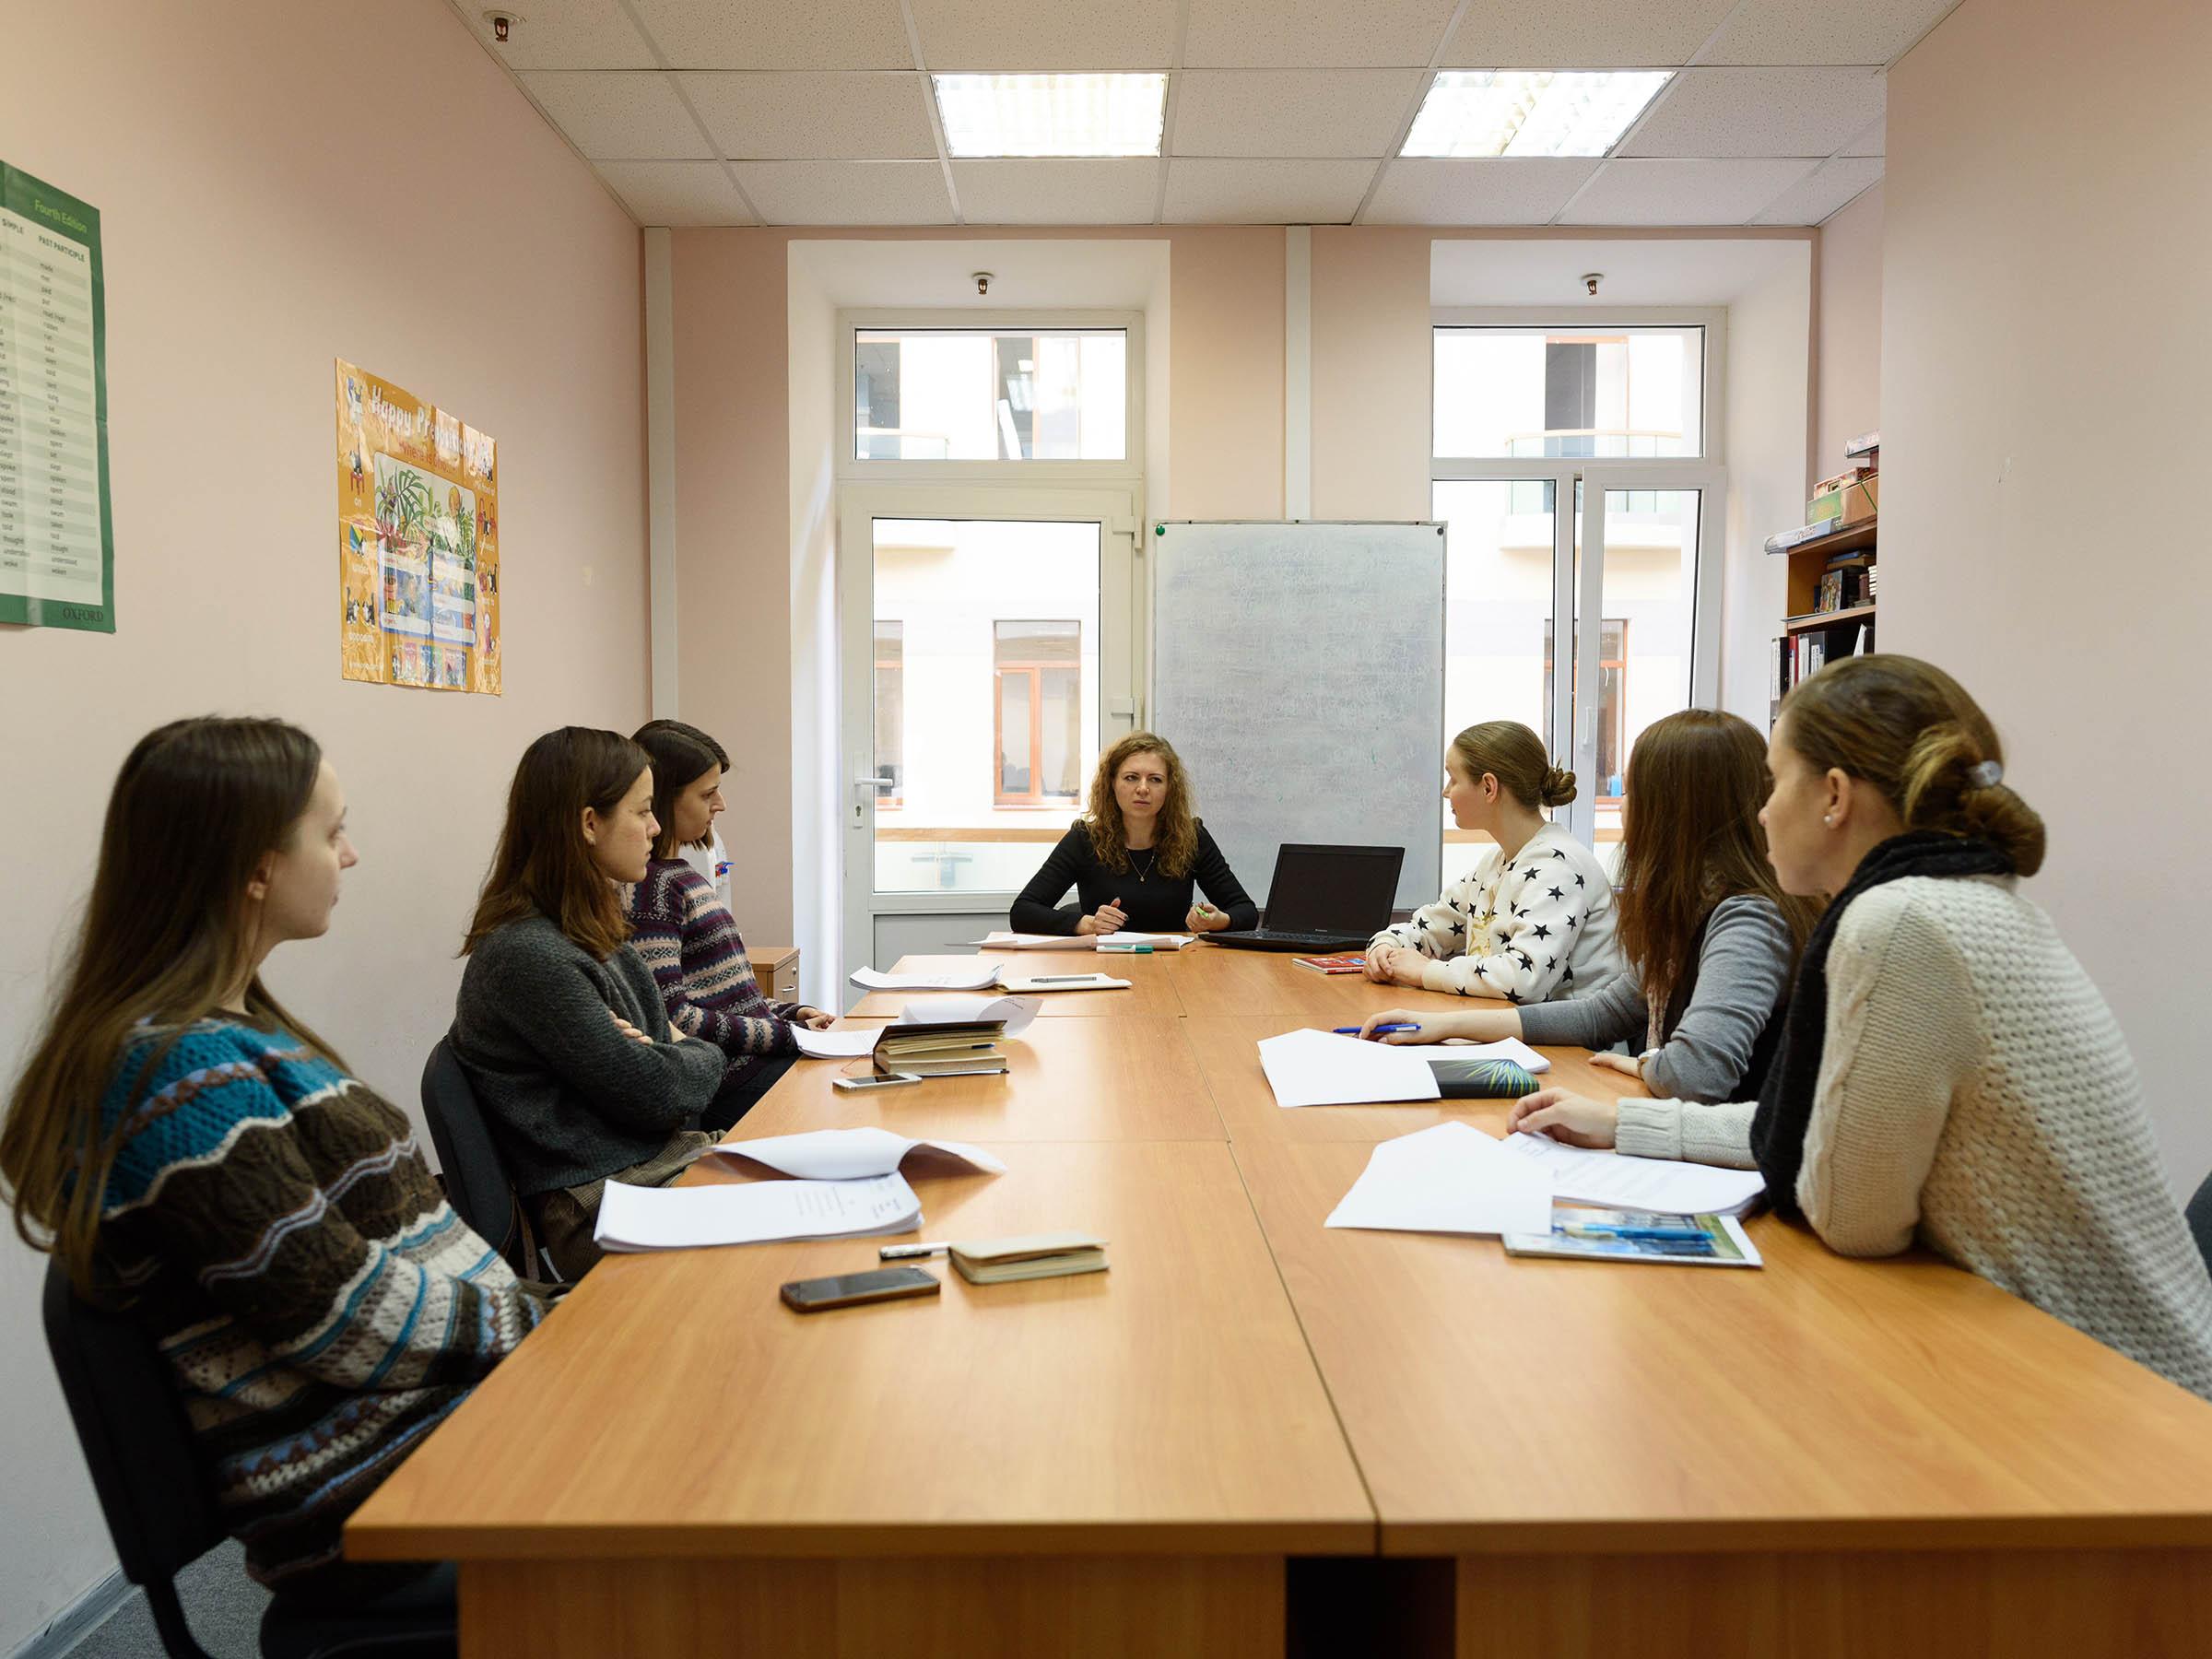 Обучение преподавателей в офисе школы в бизнес-центре